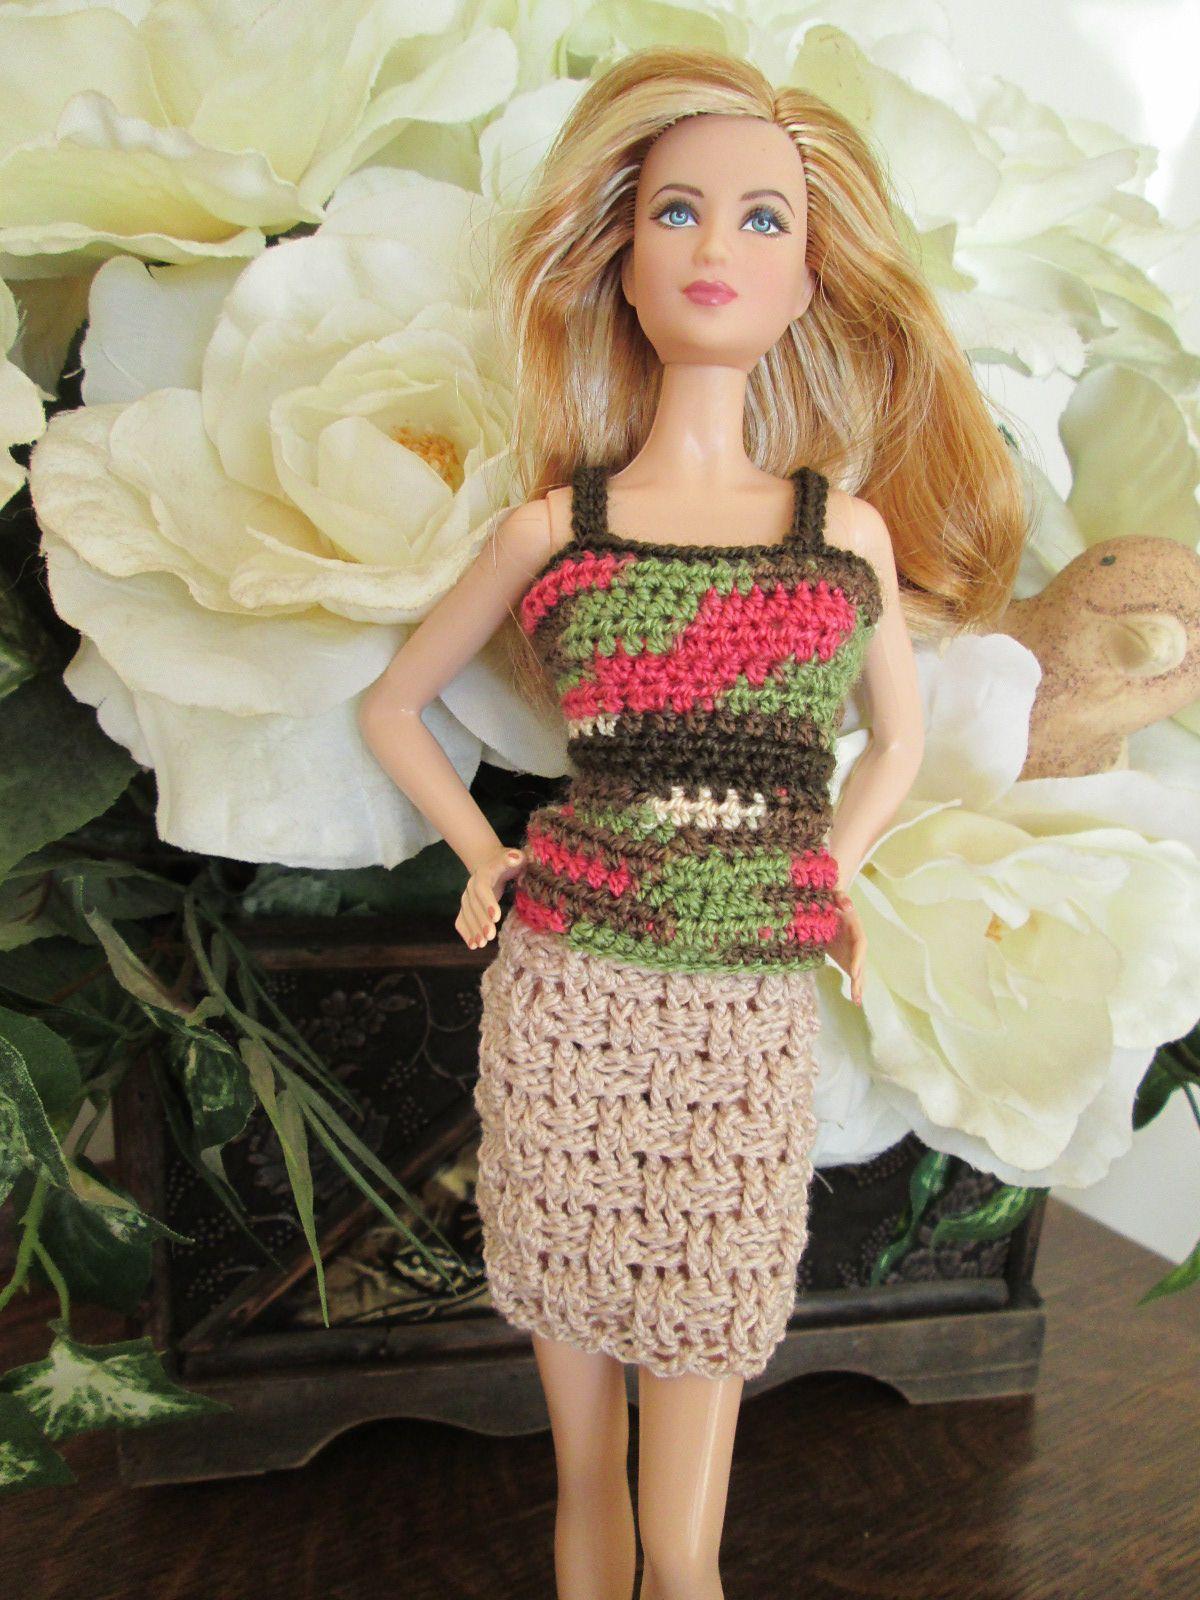 Ravelry: Barbie Skirt Stitch Variations by Vicki Johnson